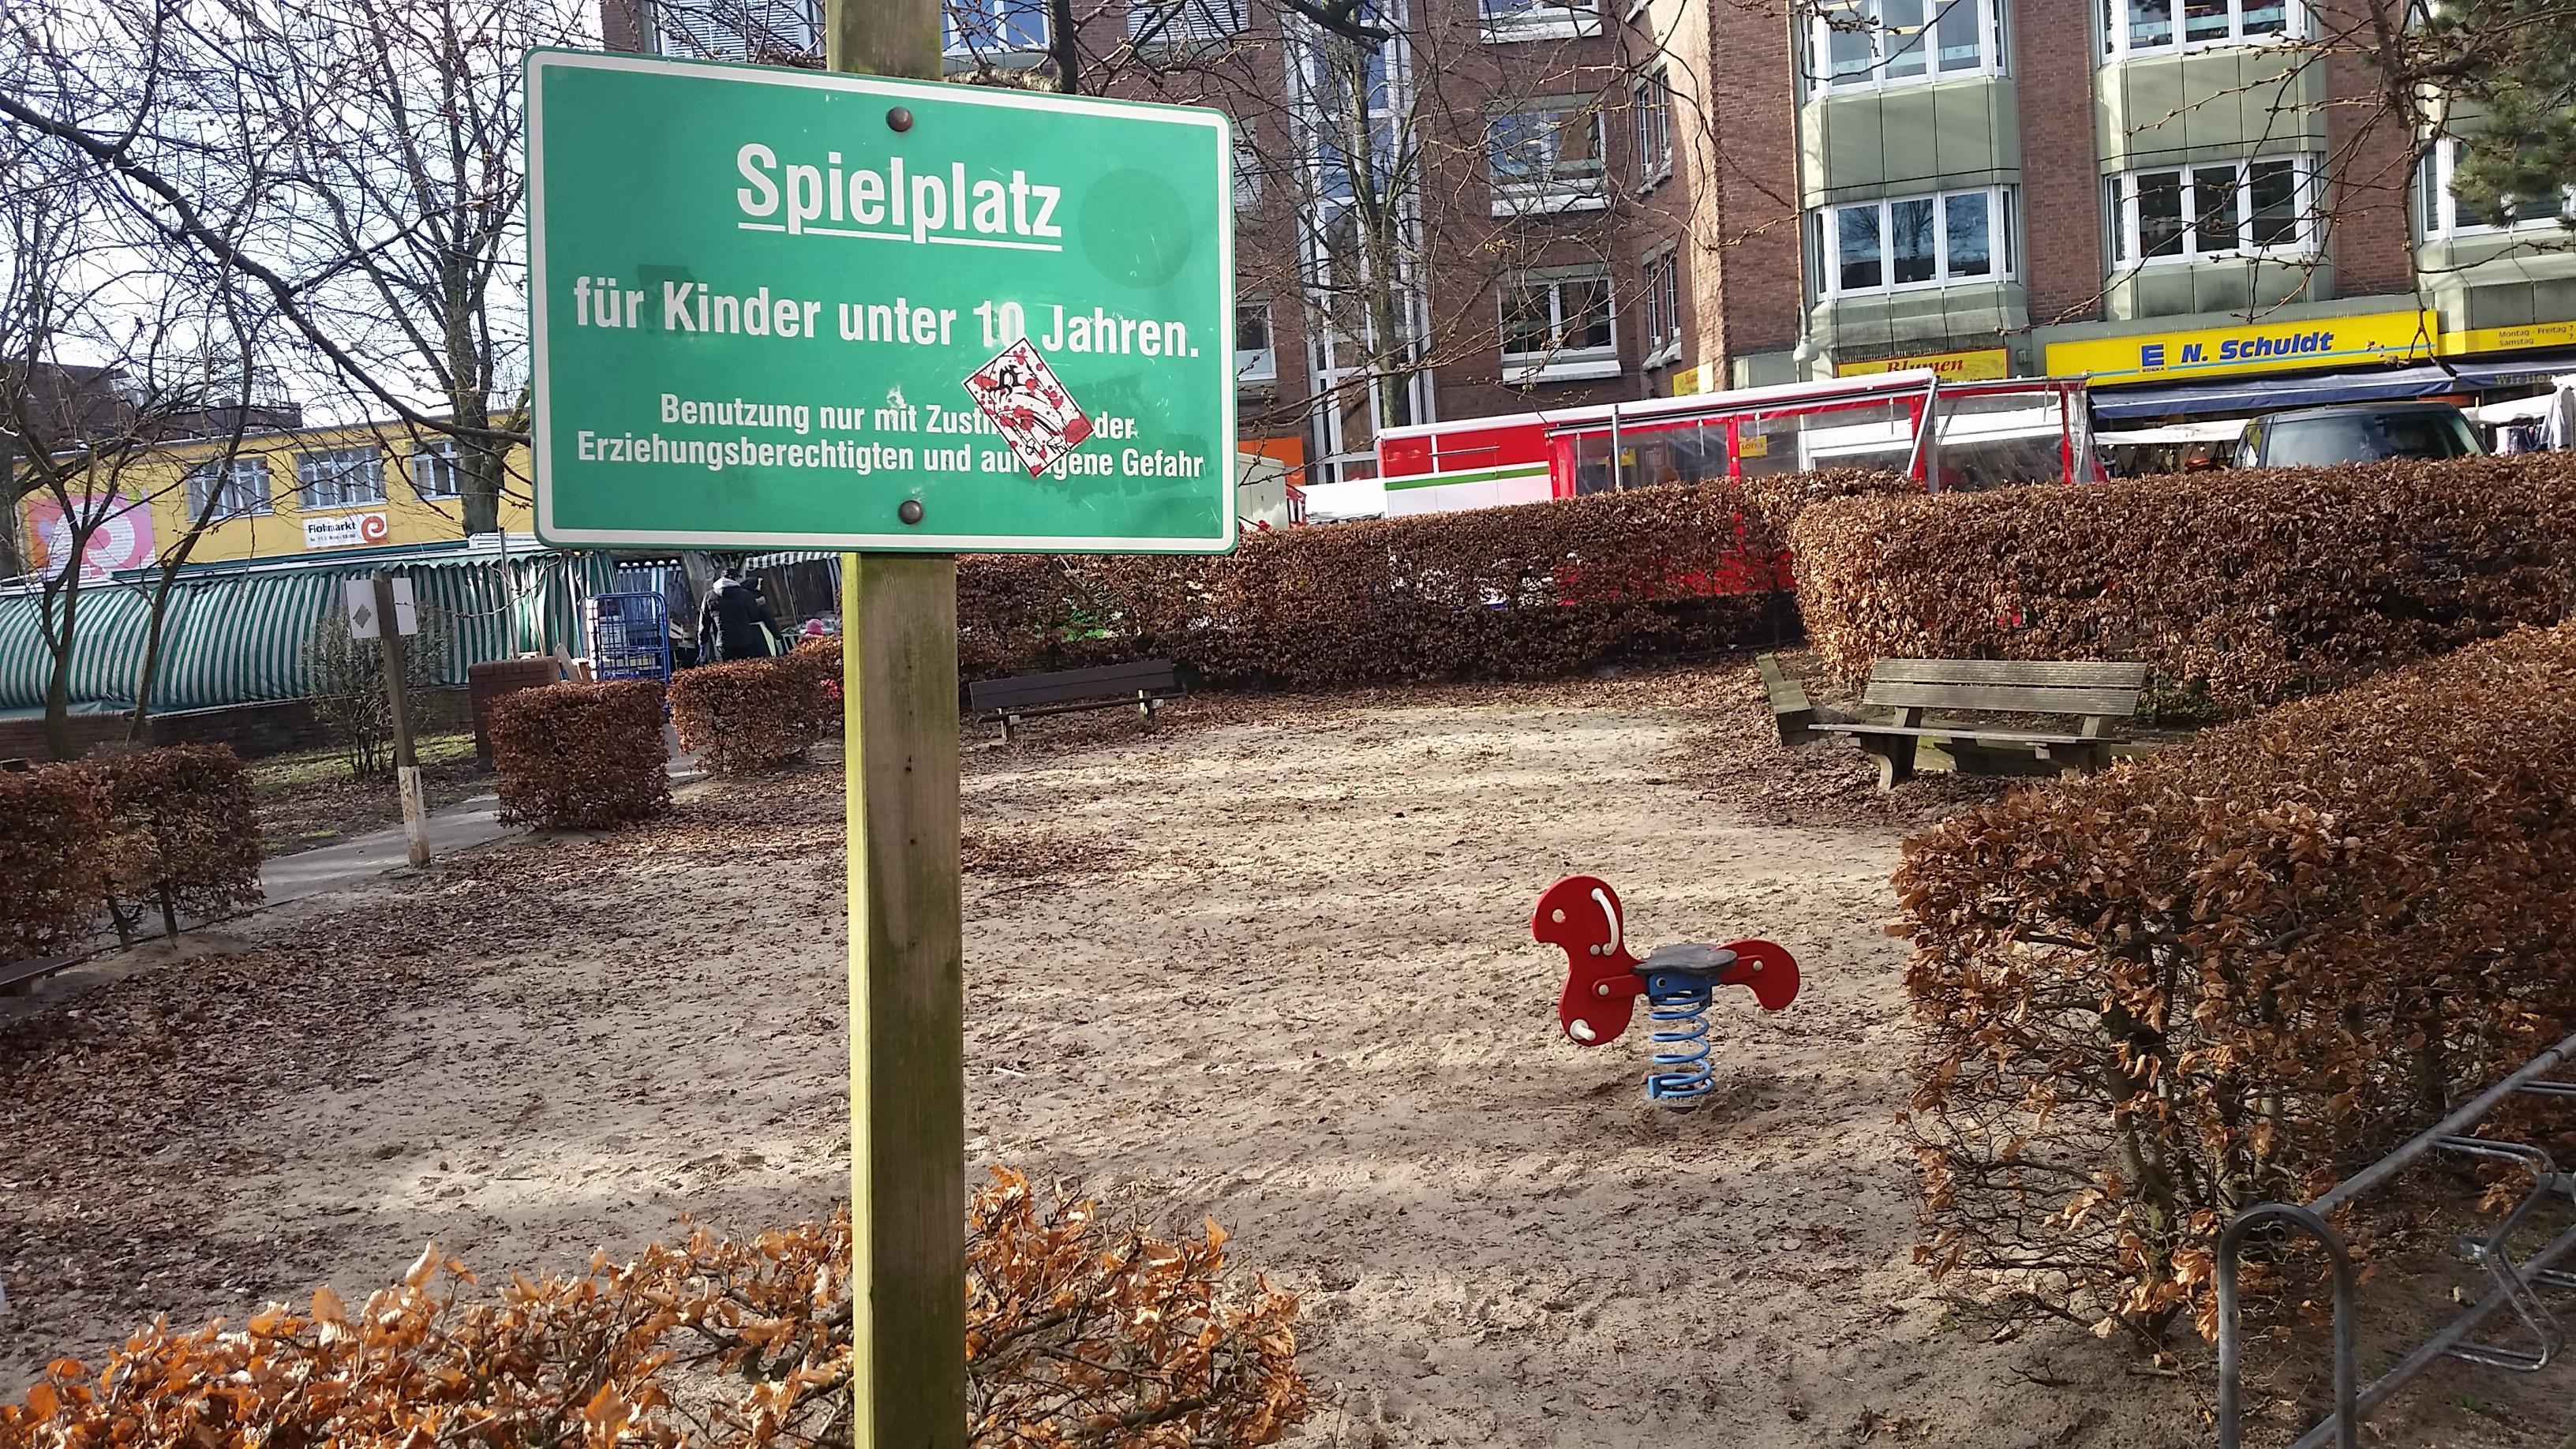 Da weiß man ja kaum, wo man anfangen soll. Der Fantasie sollen auf diesem Spielplatz am Eidelstedt-Center vielleicht einfach keine Grenzen gesetzt werden.